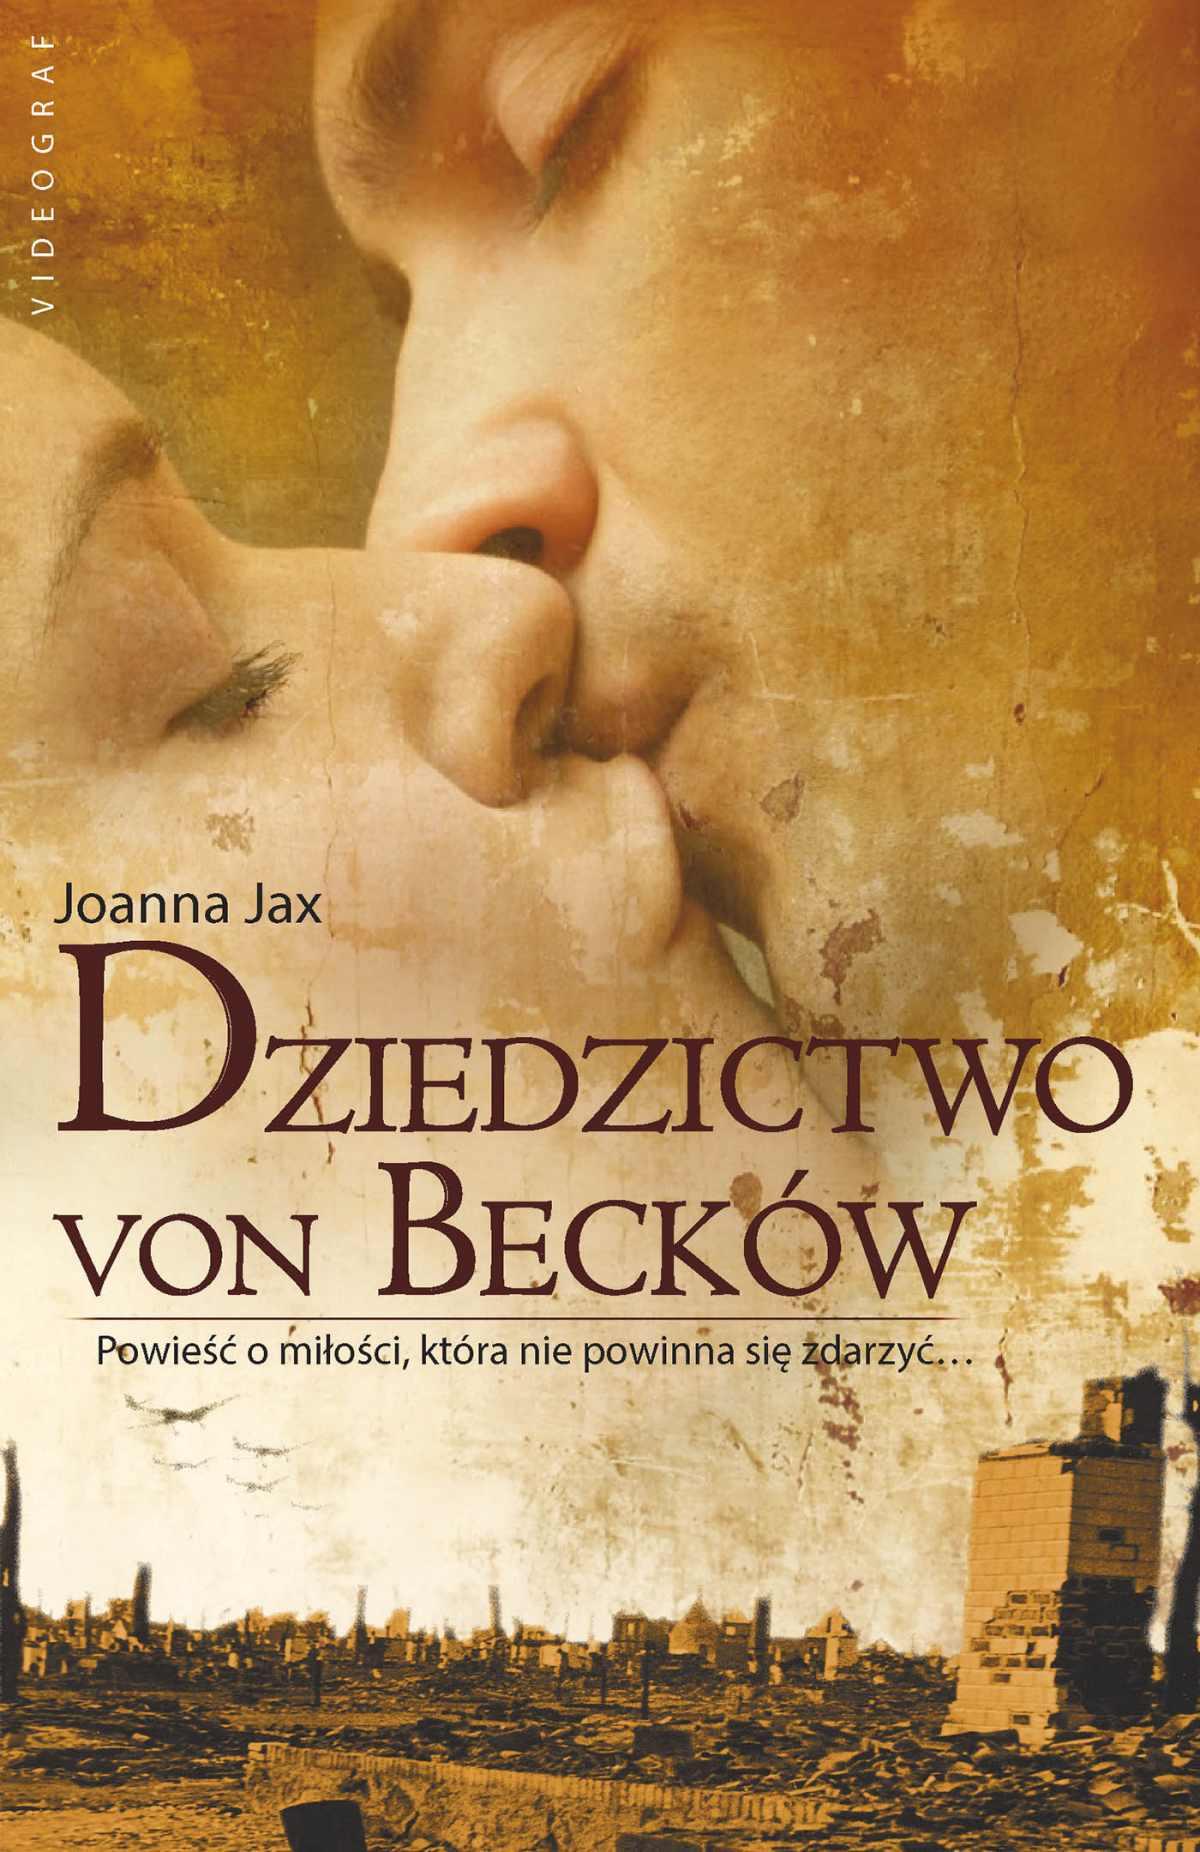 Dziedzictwo von Becków - Ebook (Książka na Kindle) do pobrania w formacie MOBI